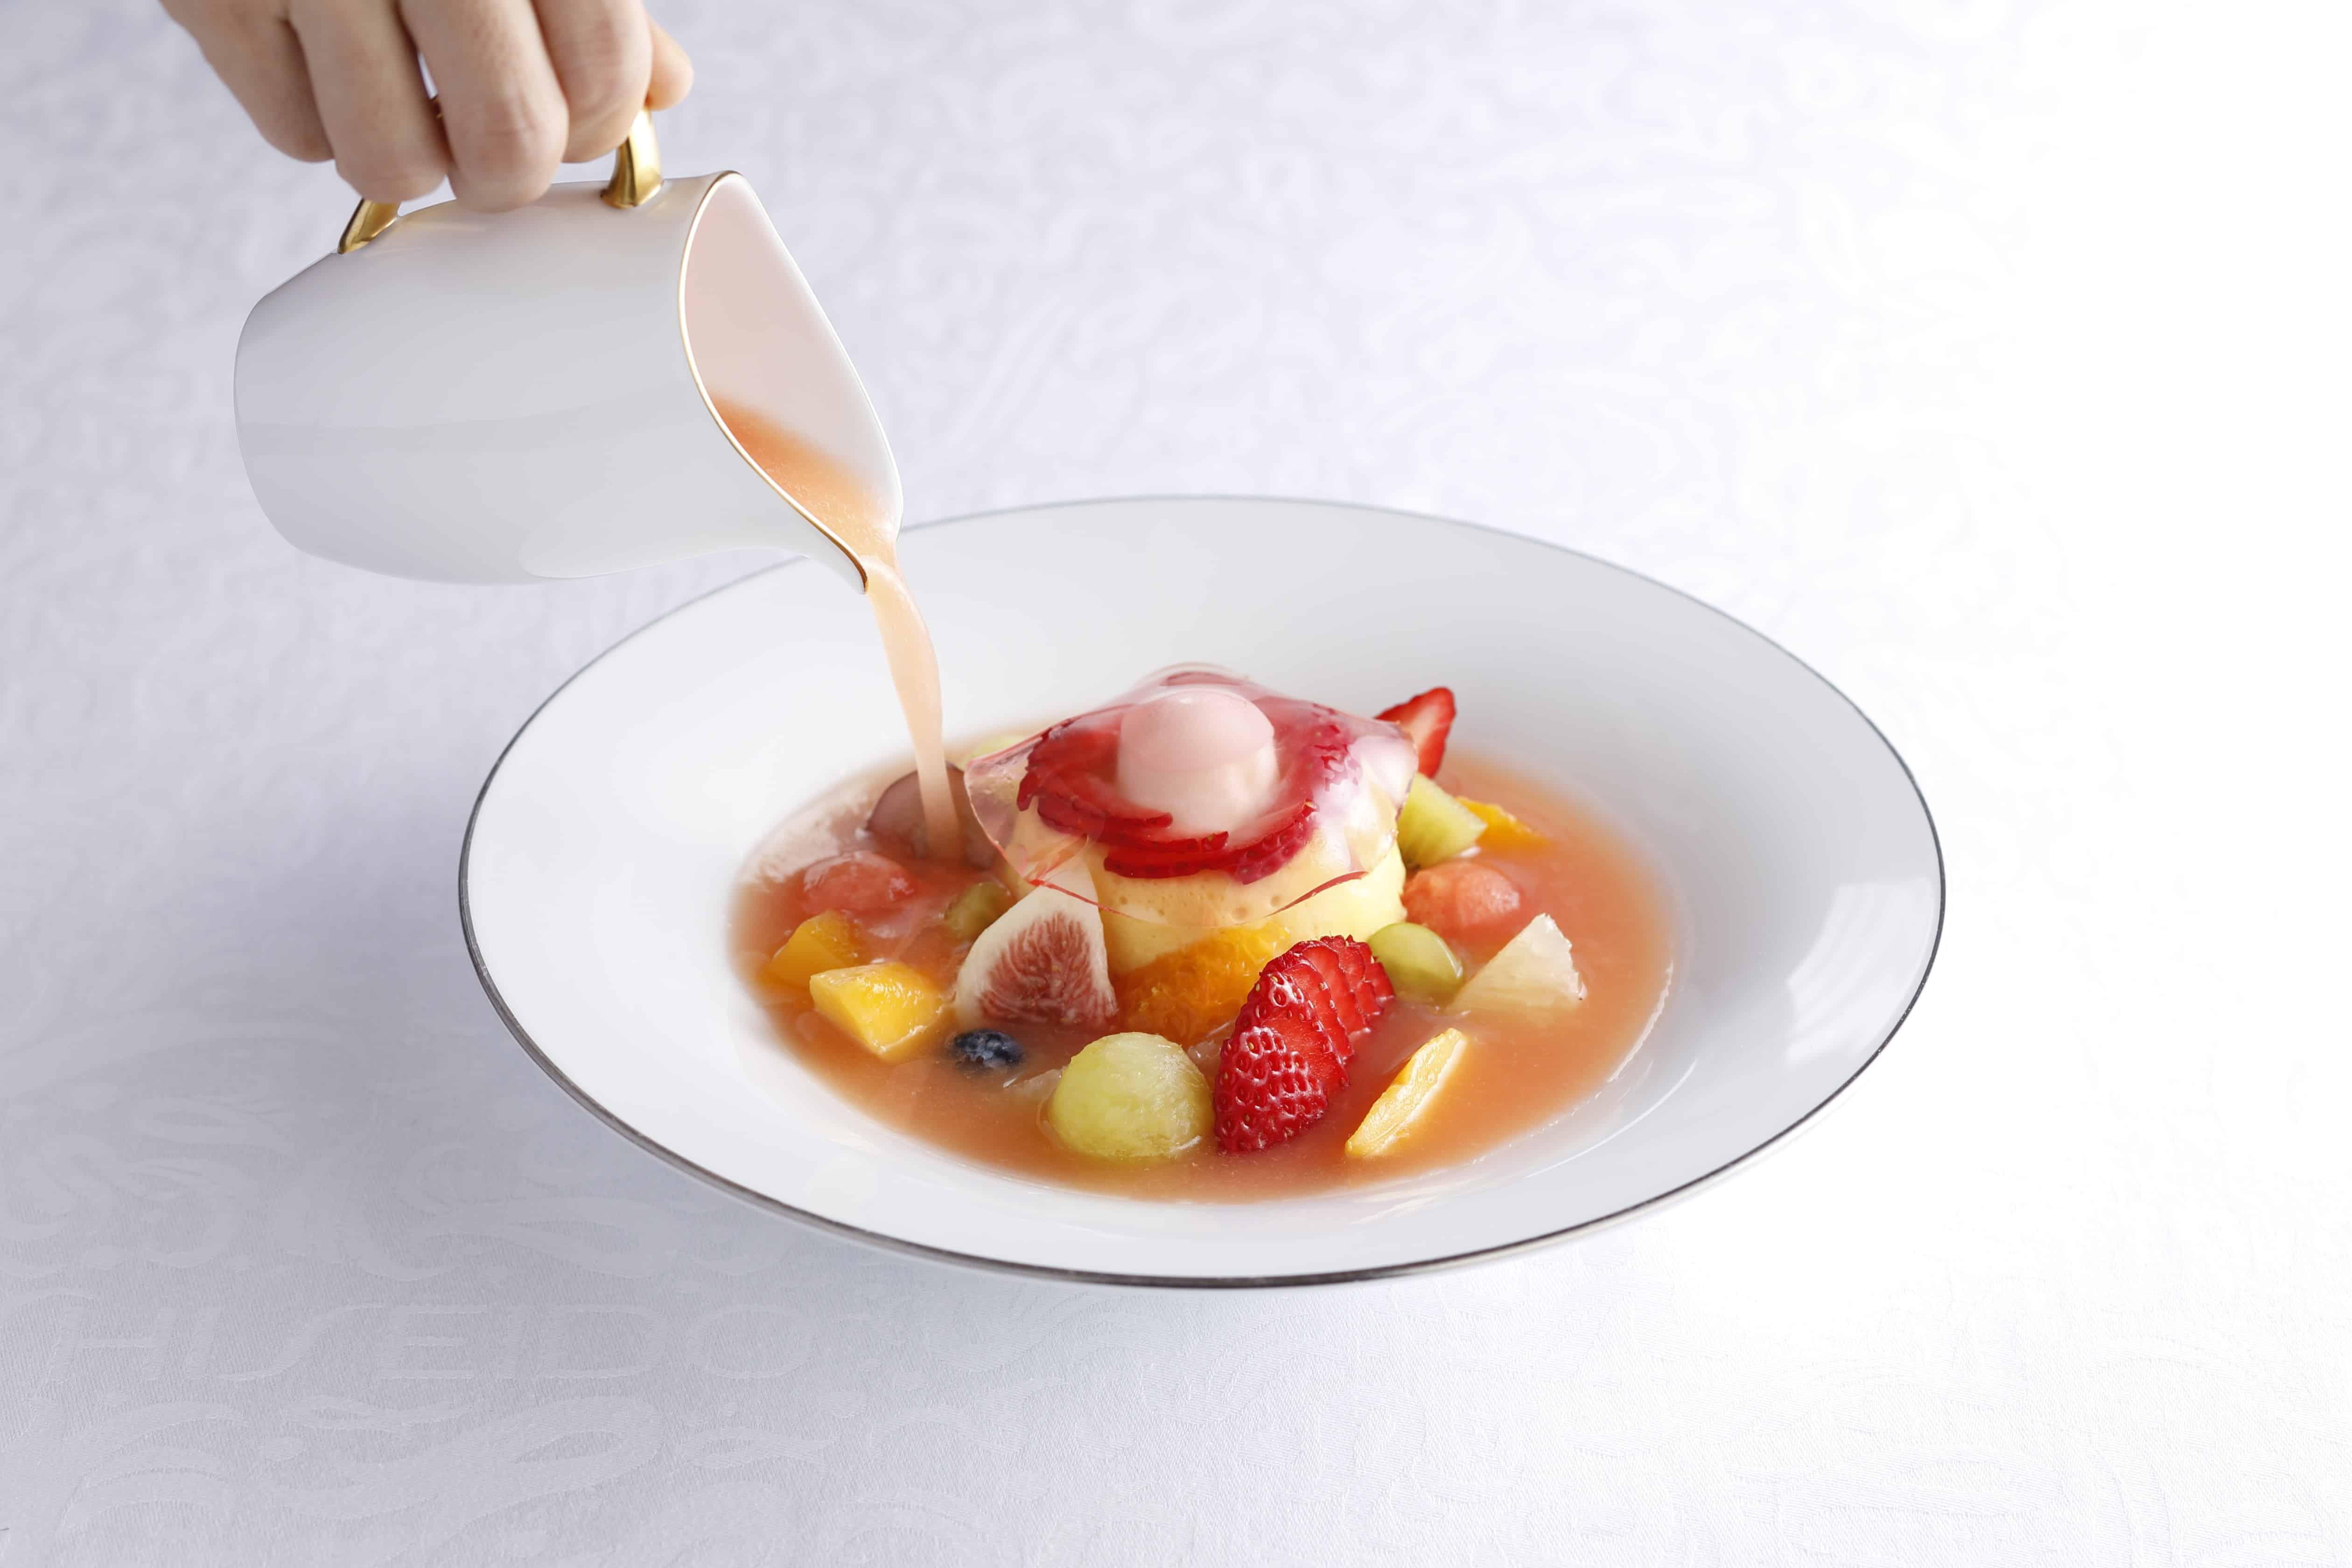 """""""ซุปผลไม้บาวารัวส์แอปริคอตและมะม่วงจาก จ.มิยาซากิ"""" (Miyazaki-ken Mango & Apricot Bavarois Fruits Soup) 1,980 เยน (ราคานี้รวมบริการกาแฟ หรือ ชาฝรั่ง หรือ ชาสมุนไพร)"""